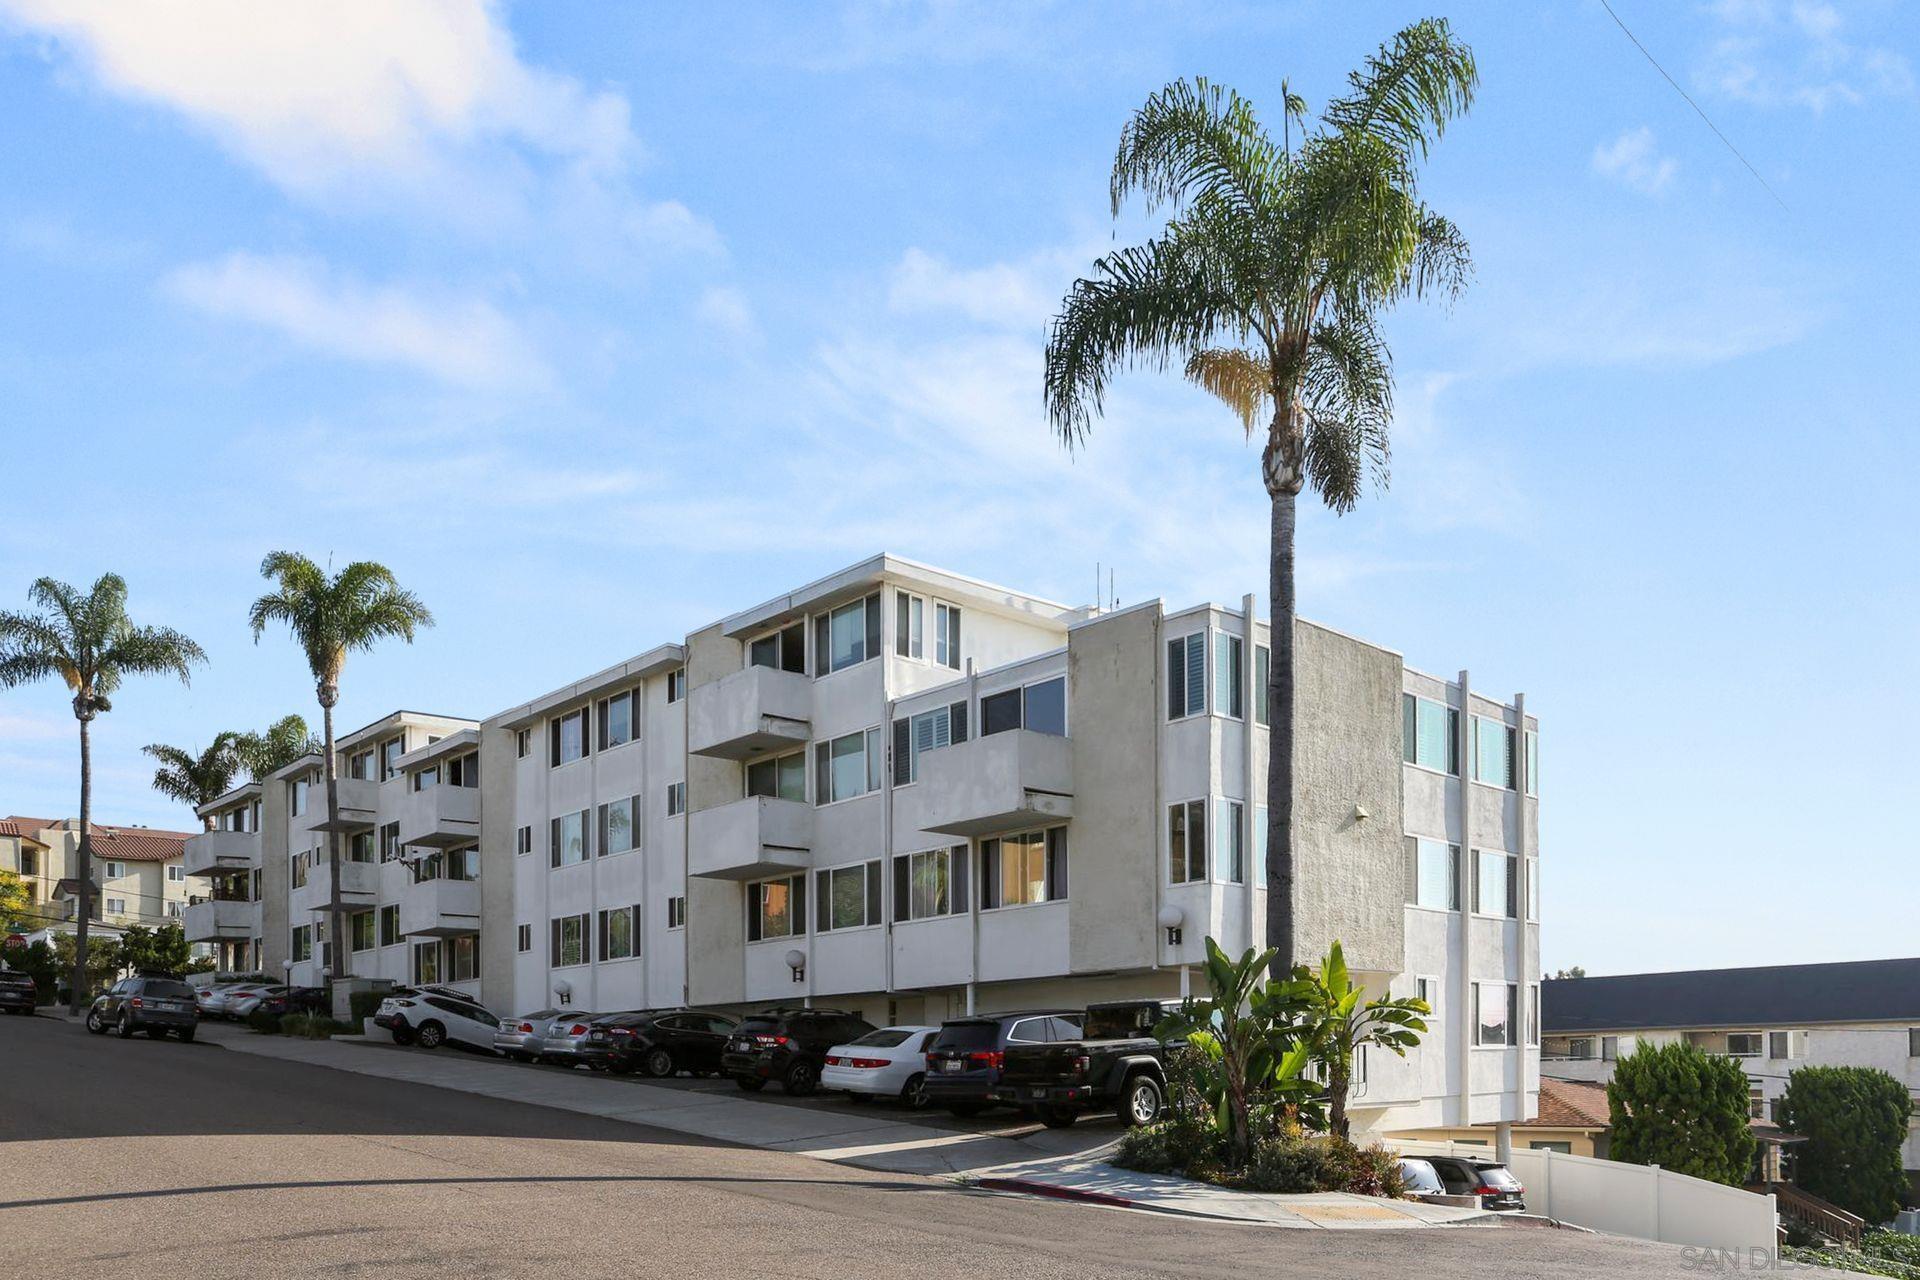 1907 Robinson Ave Unit 108, San Diego CA 92104